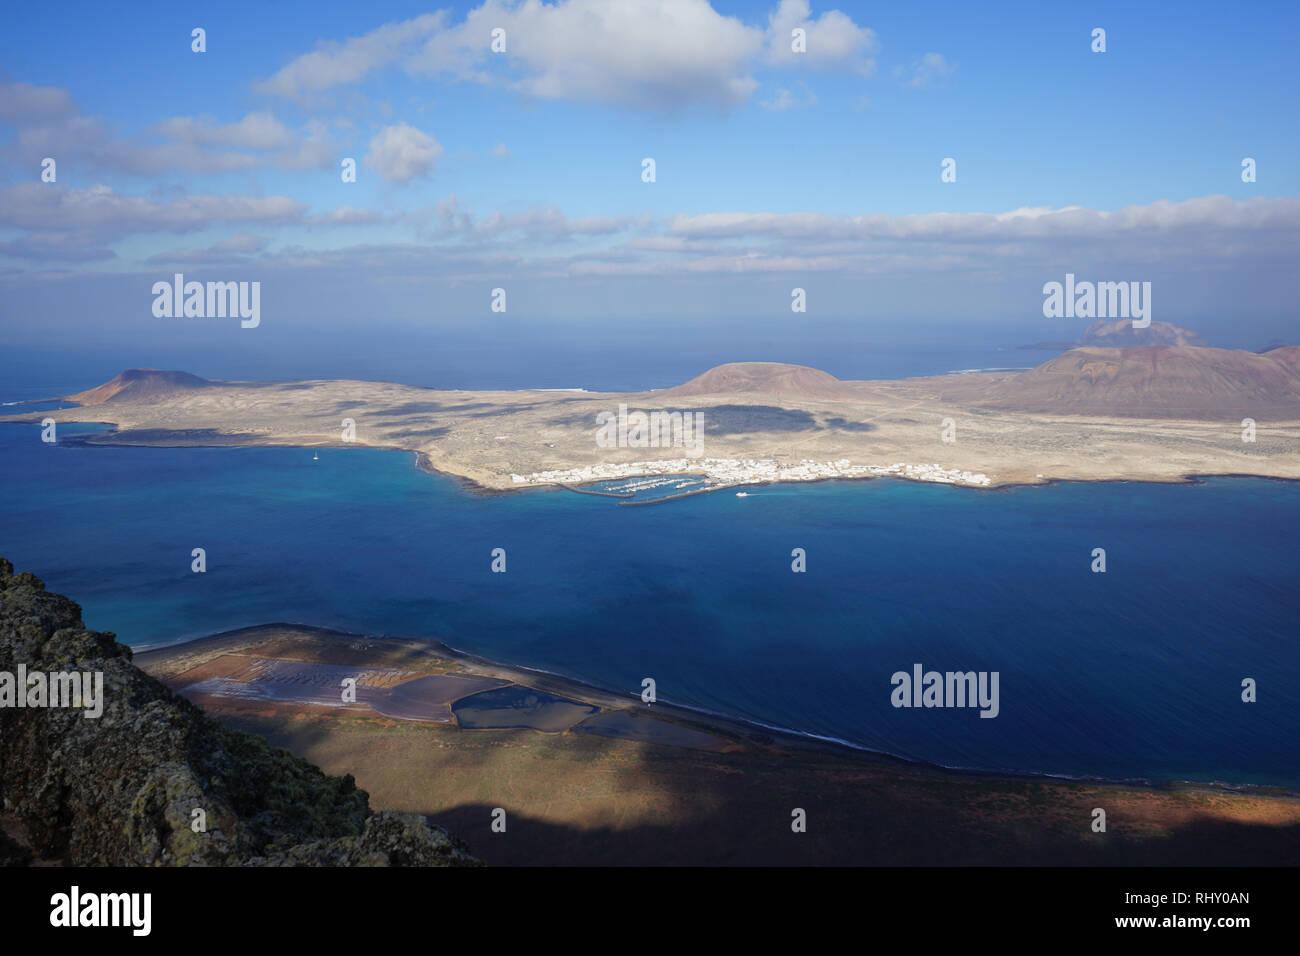 Oberste Aussichtsplattform, Mirador del Río, Lanzarote, Kanarische Inseln, Spanien Stockbild